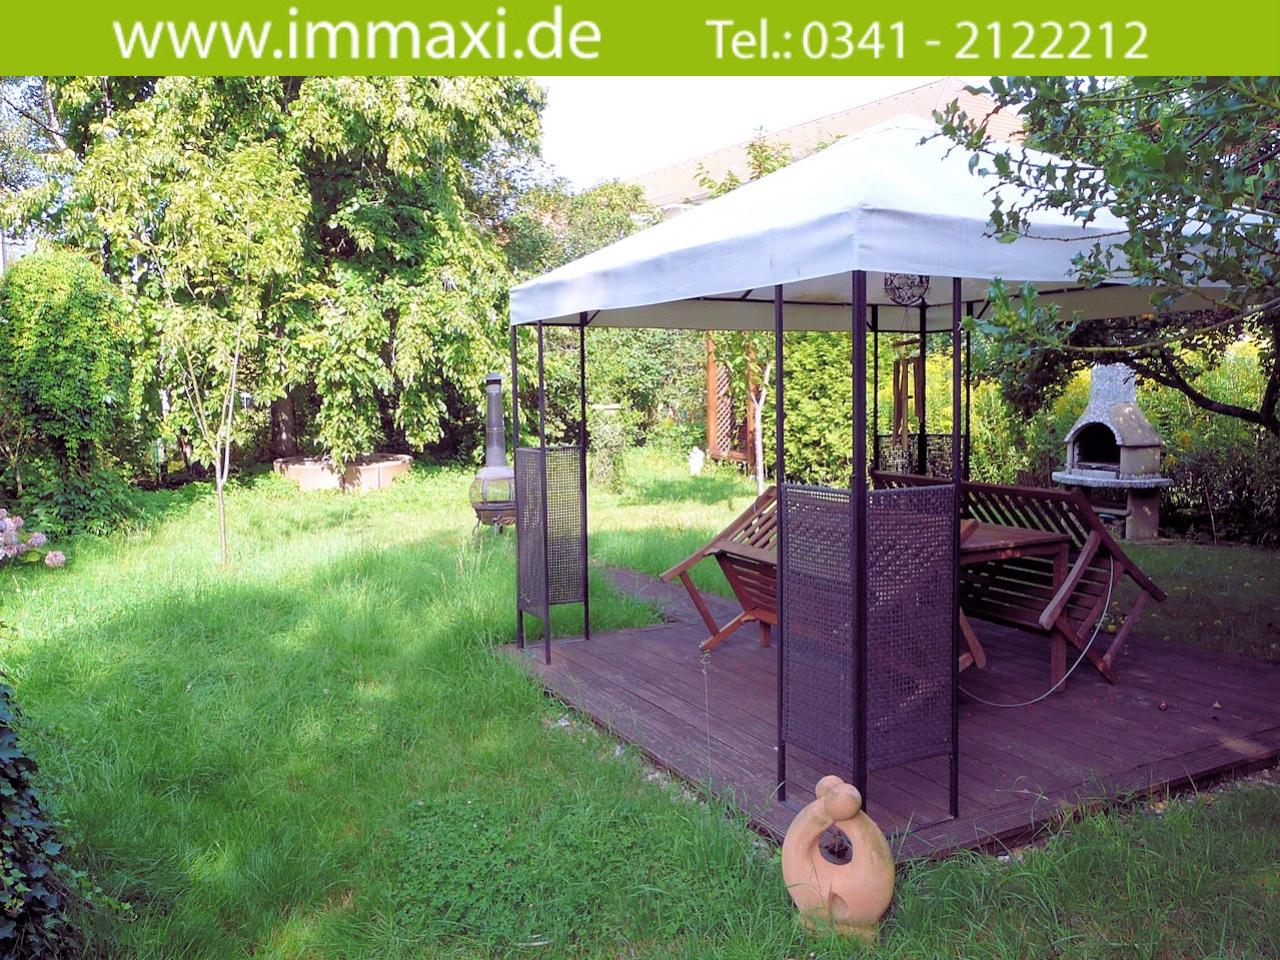 haus kaufen leipzig sellerhausen charmantes reihenhaus immaxi immobilien blog die. Black Bedroom Furniture Sets. Home Design Ideas